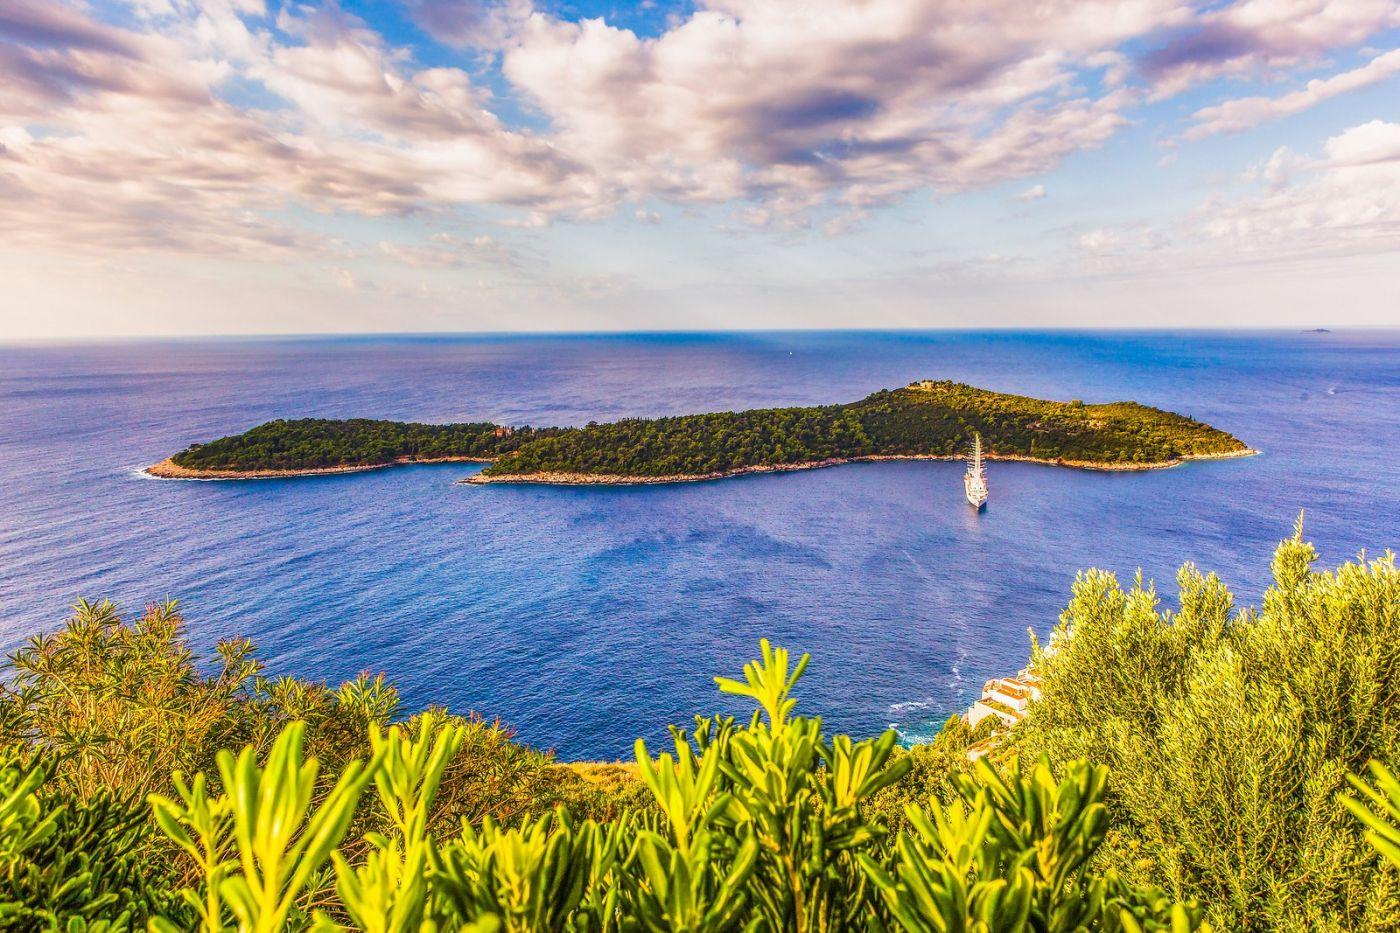 克罗地亚杜布罗夫尼克(Dubrovnik),远眺古城_图1-13